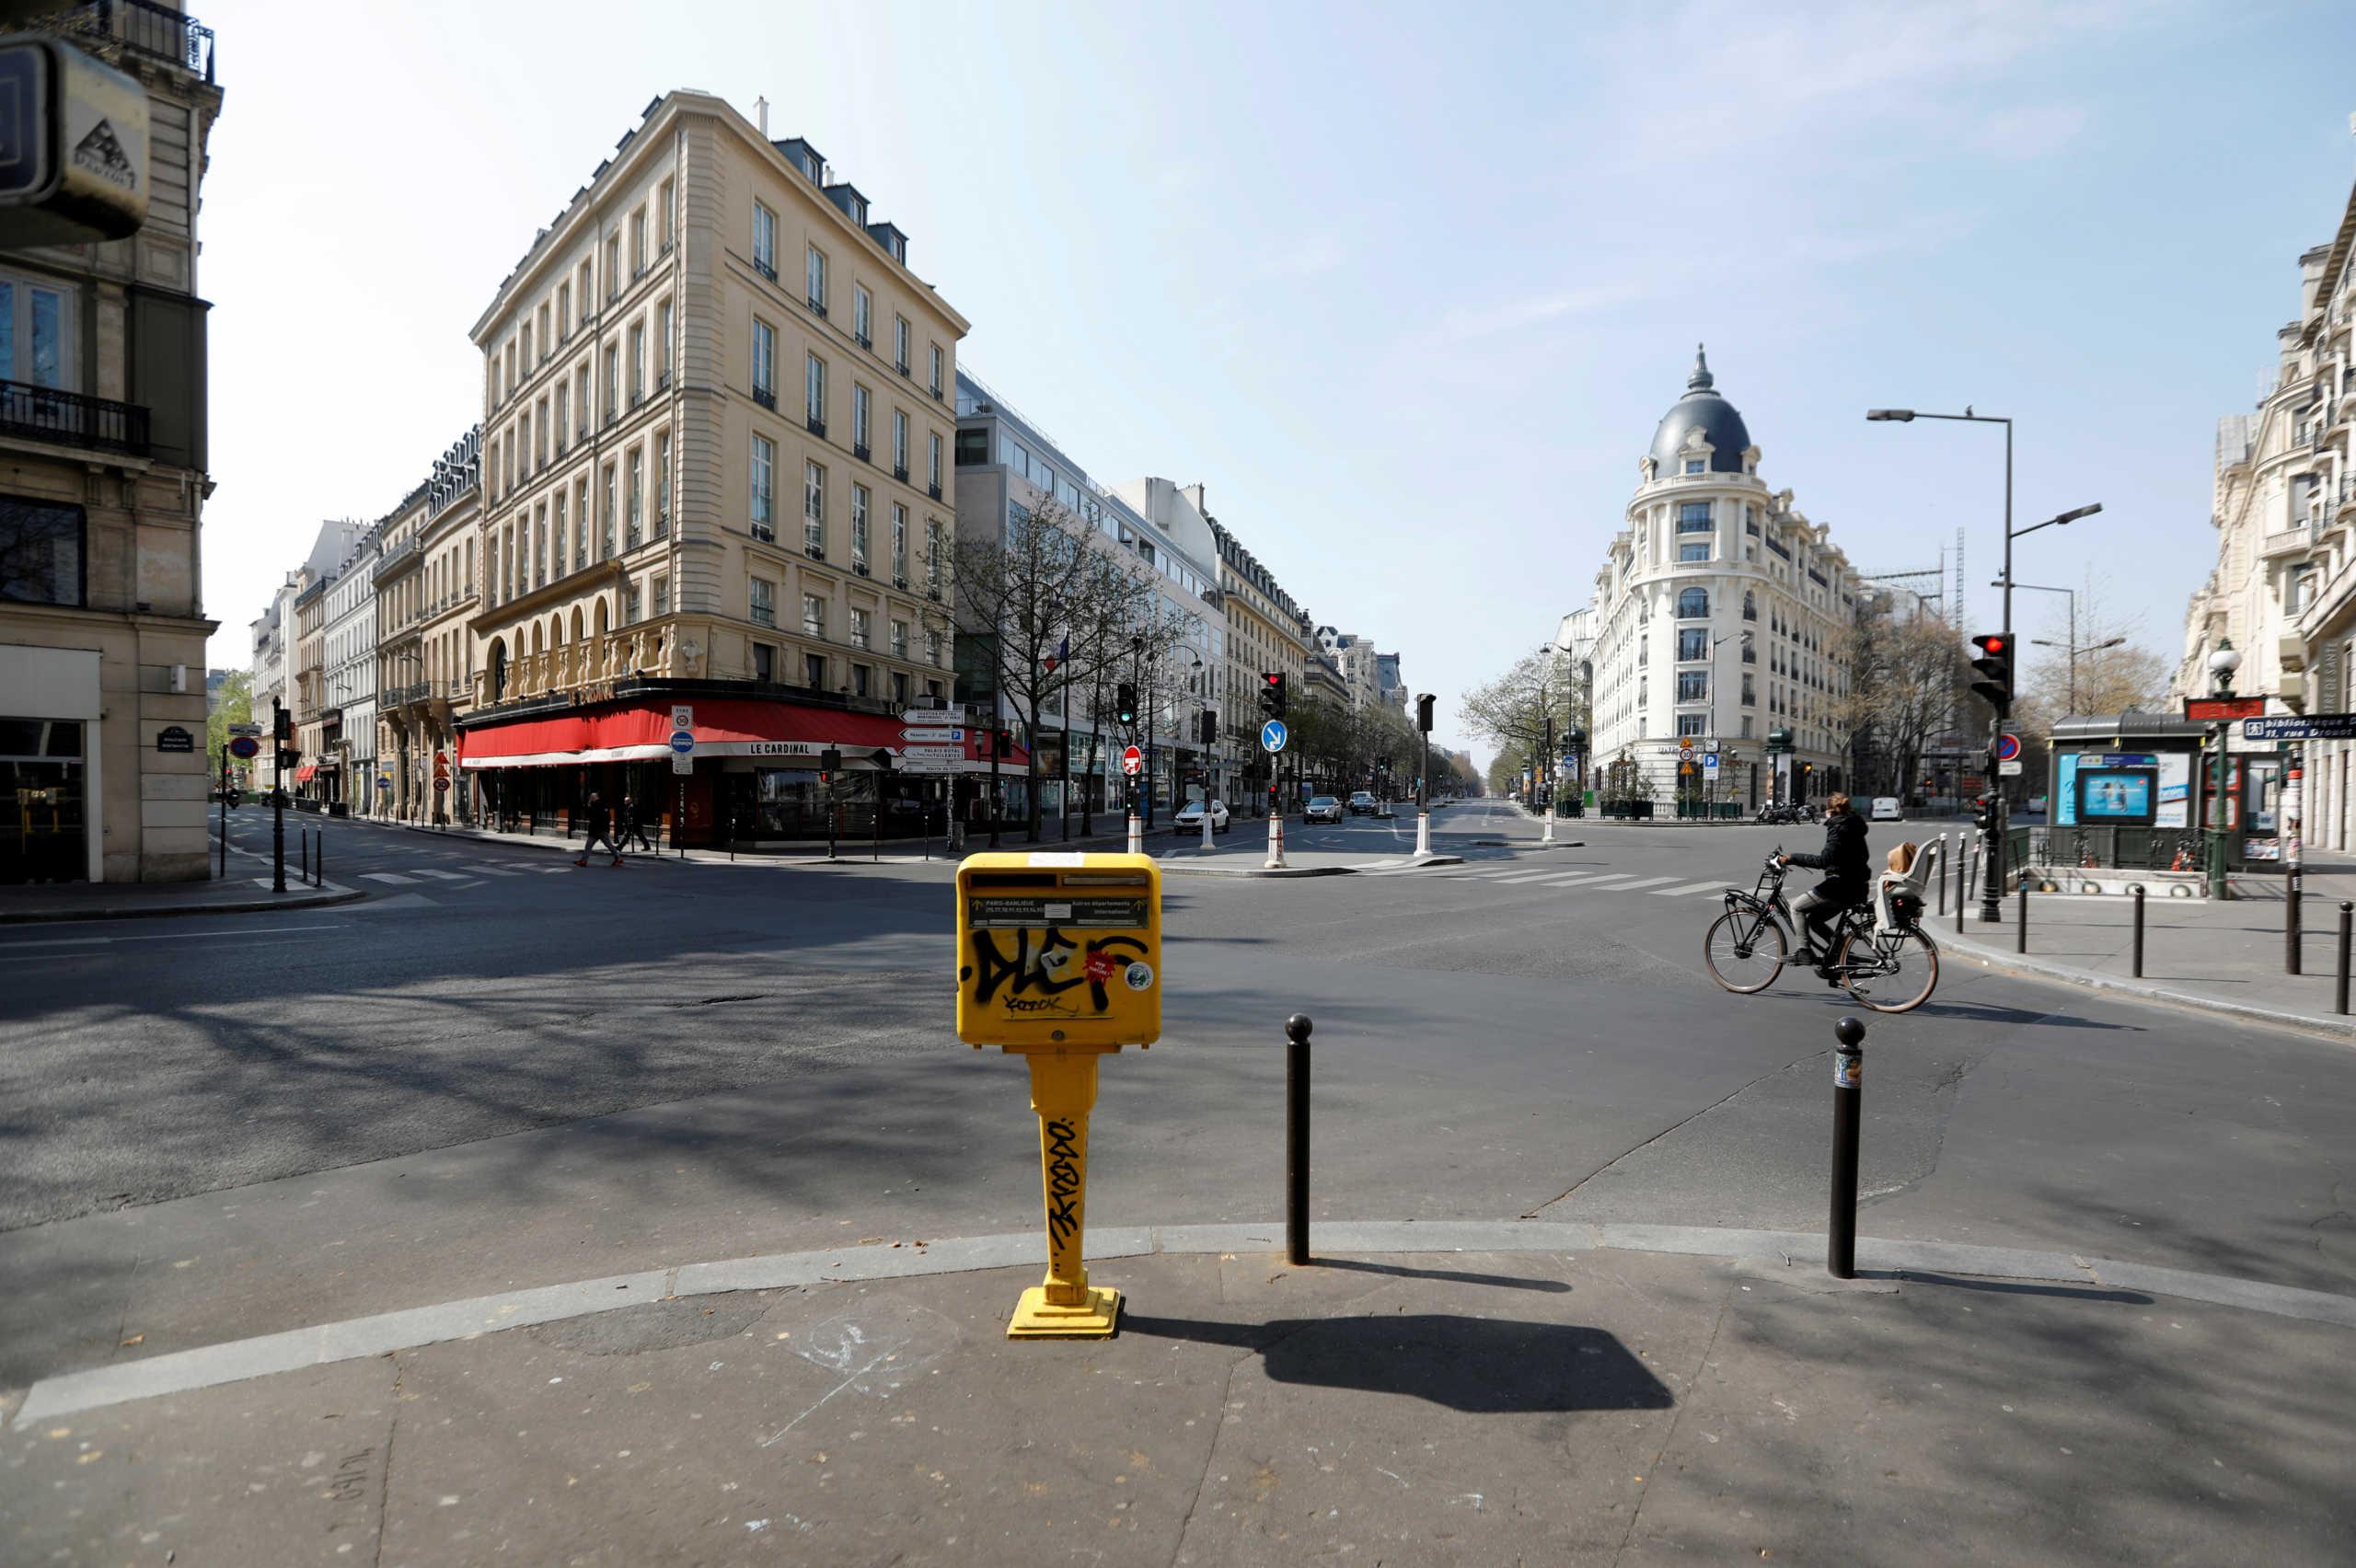 Λε Μερ: Το νέο lockdown θα πλήξει την οικονομία της Γαλλίας – Η Ε.Ε πρέπει να κινηθεί γρήγορα